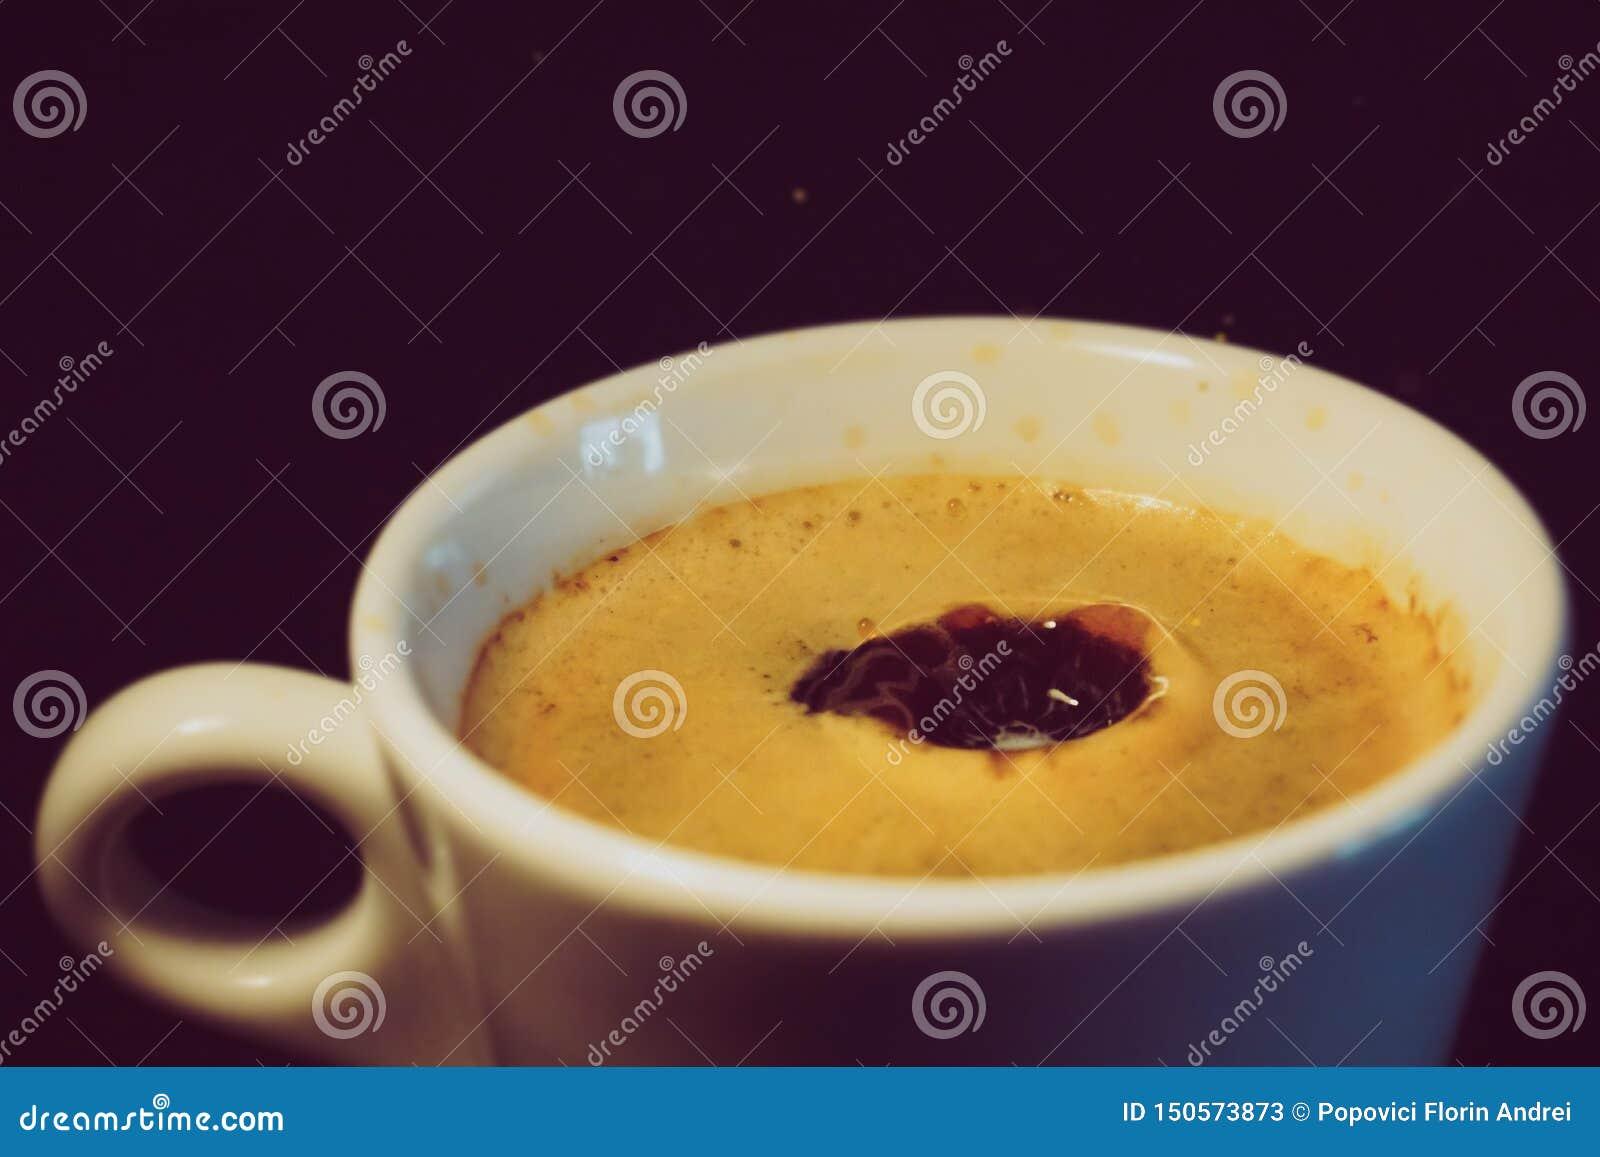 Gota do leite que cai em uma xícara de café